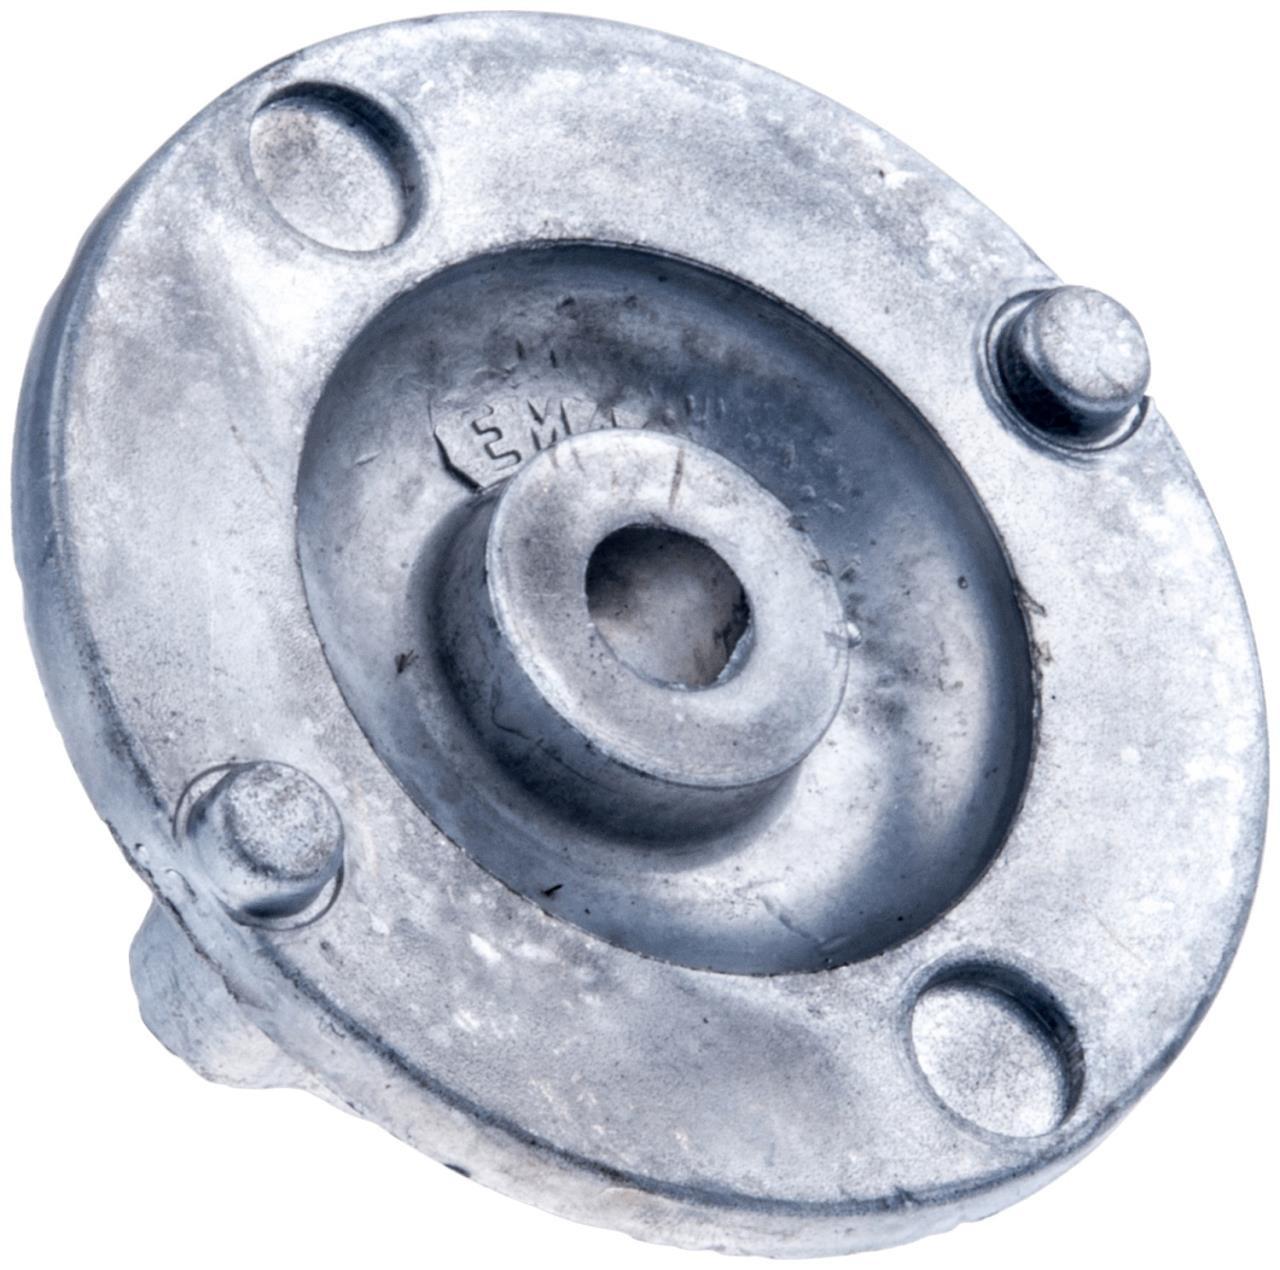 Husqvarna knivholder, Ø 22 mm, R46/48